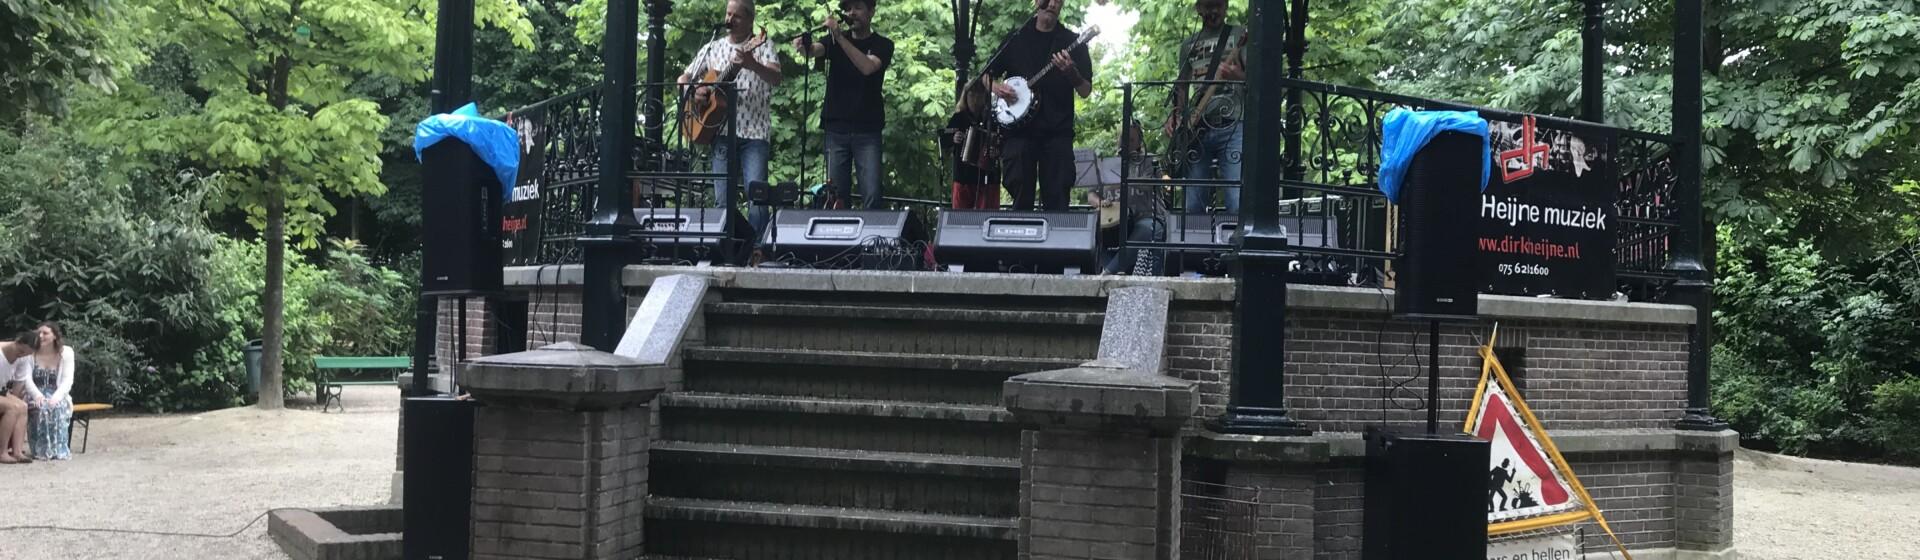 (band) Kavel op Zaanfolk-festival Wormerveer